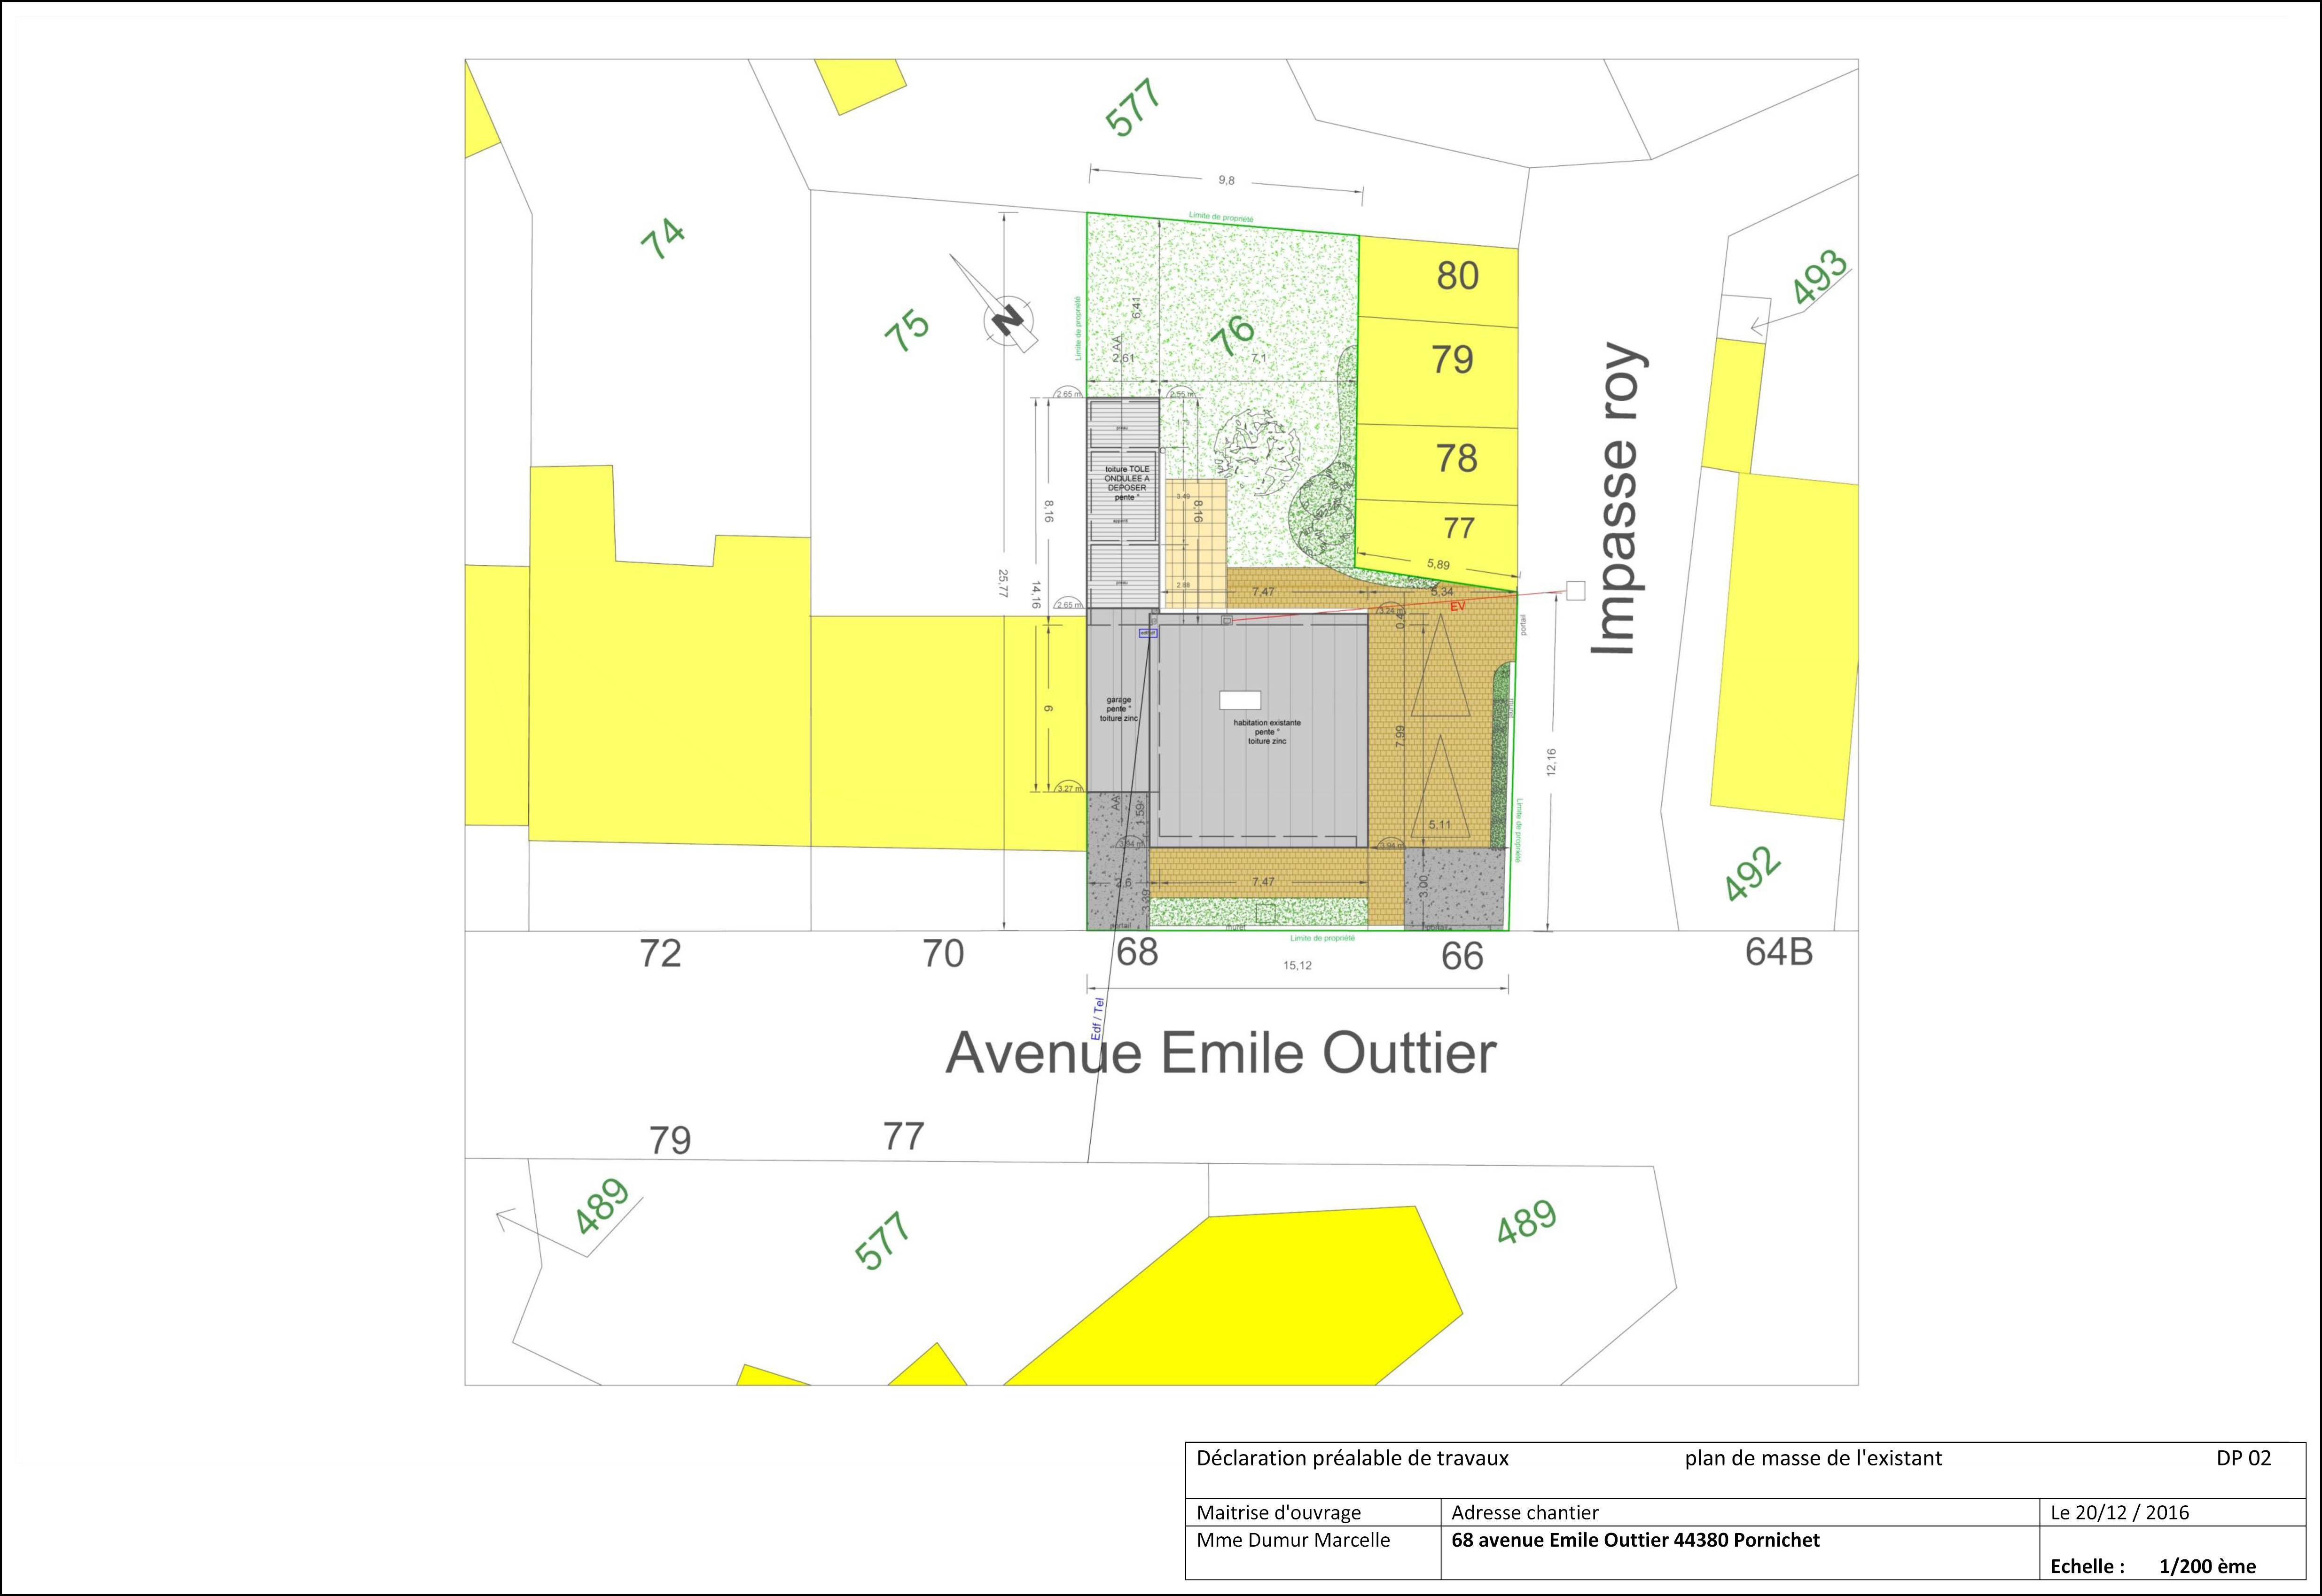 Exemple Devis Home Staging question d'urbanisme : que doit contenir le plan de masse ?